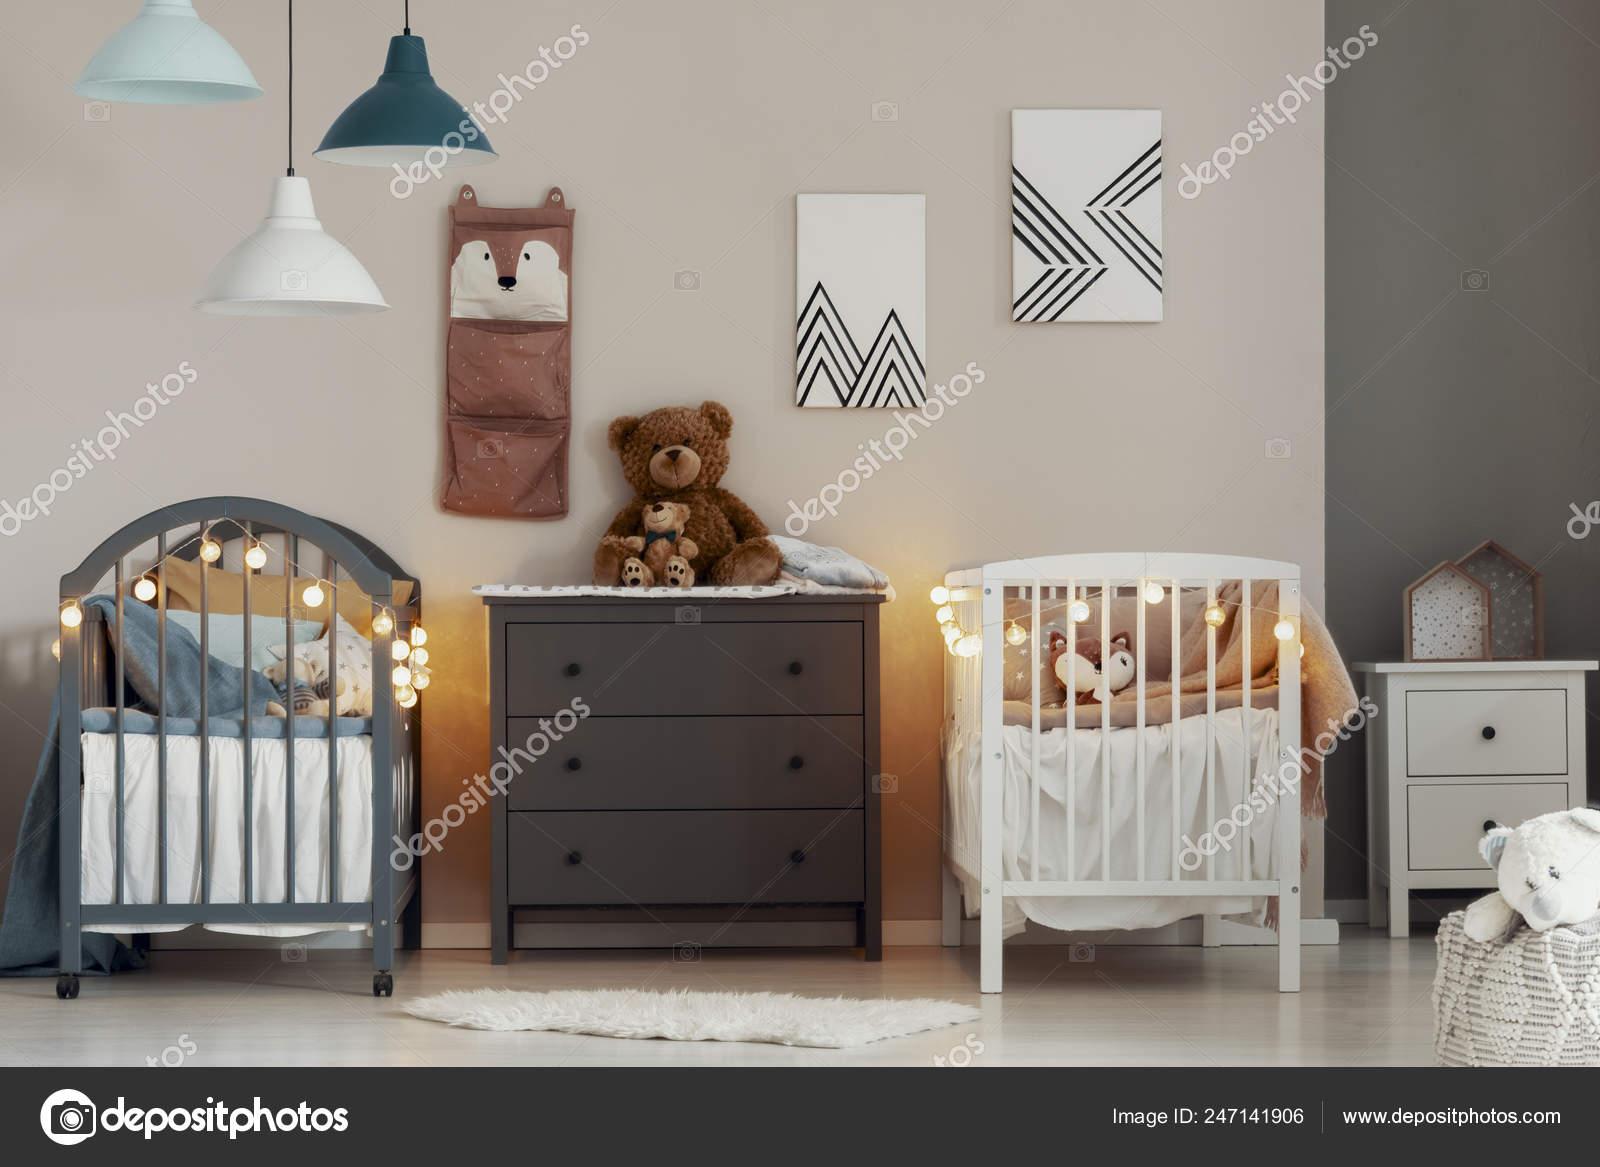 Culle Moderne Bianche.Interno Accogliente Camera Letto Bambini Con Culle Bianche